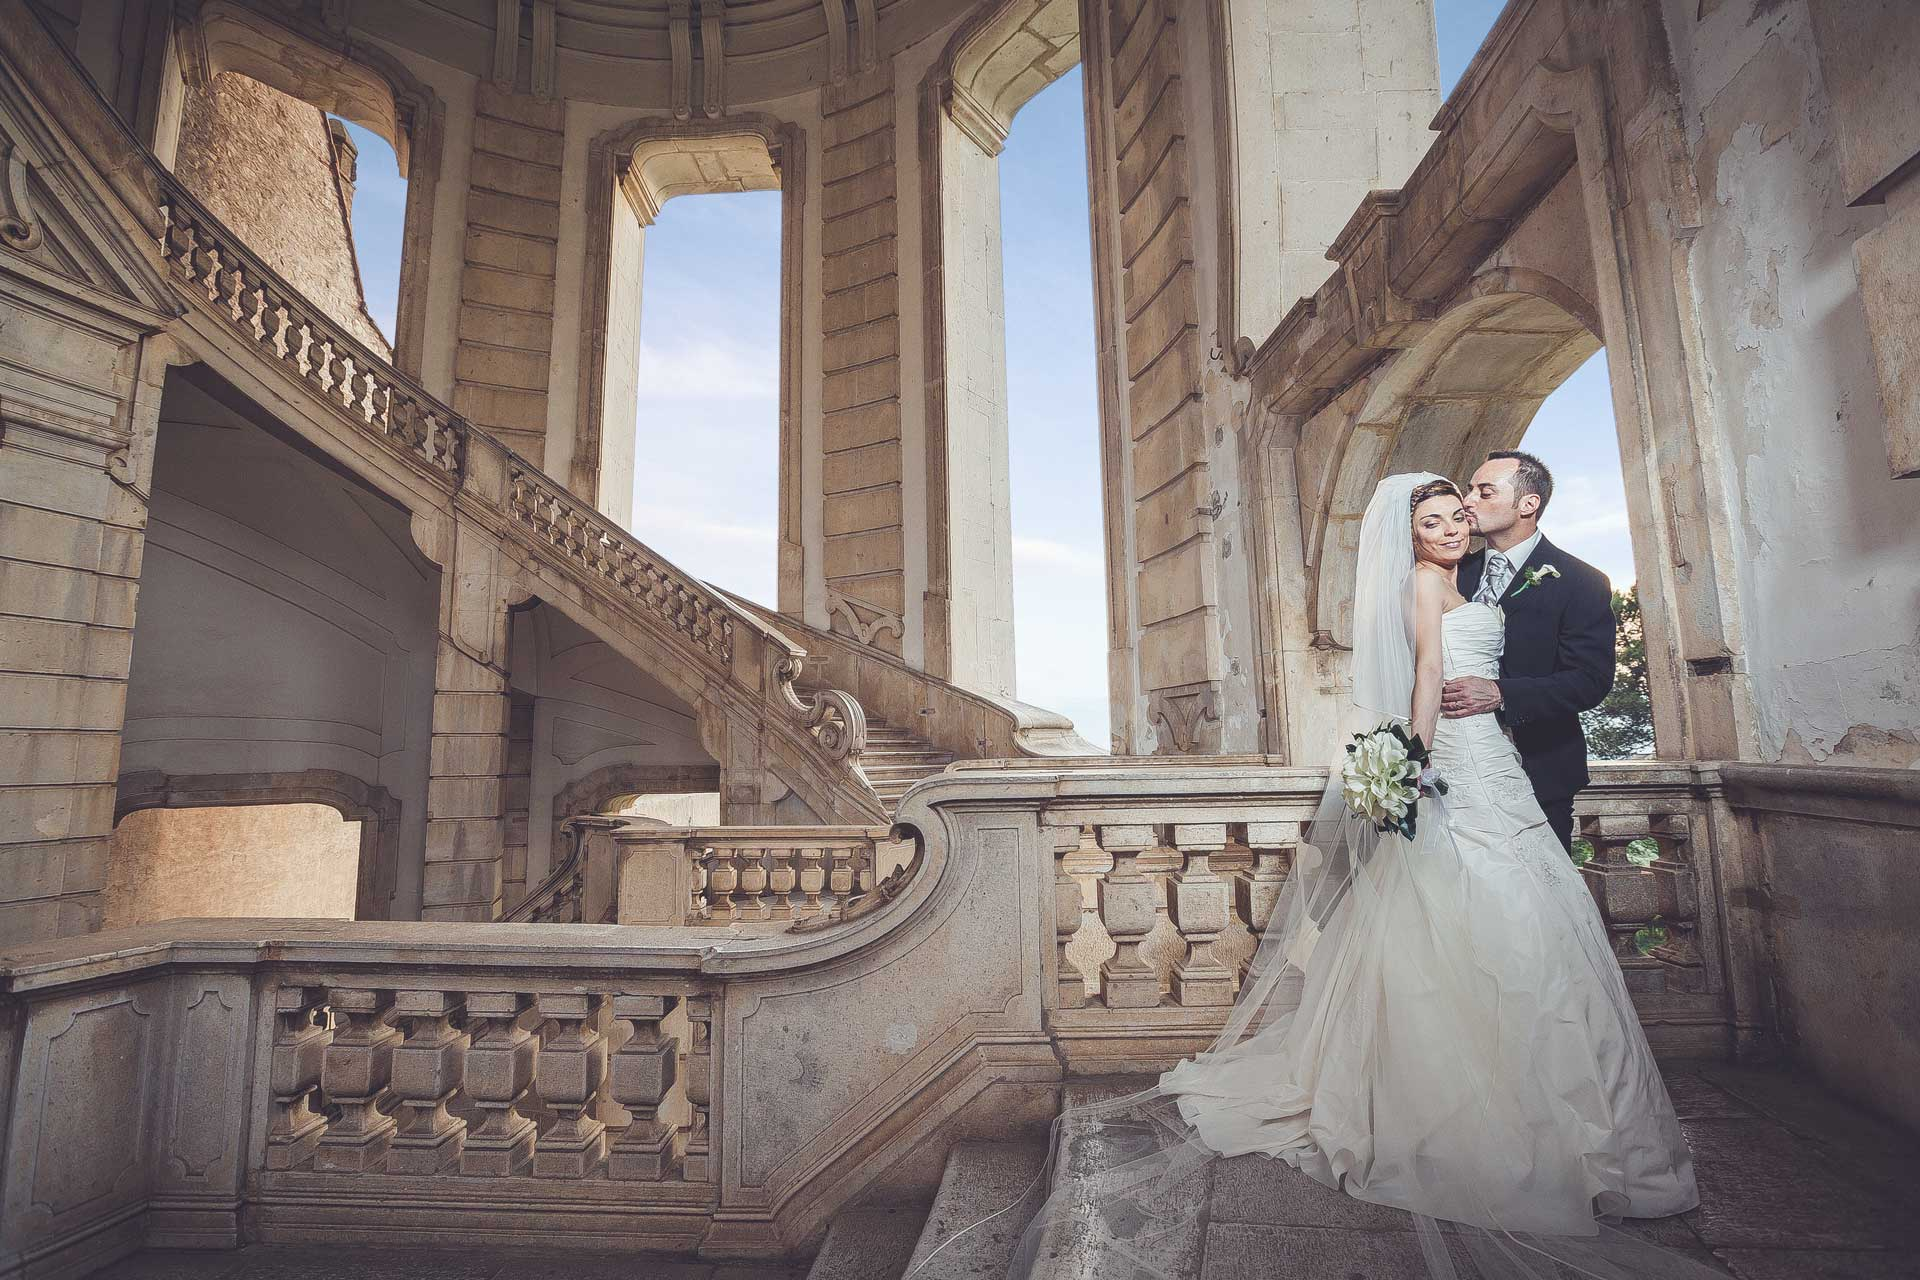 foto-ritratti-matrimonio-roma-12